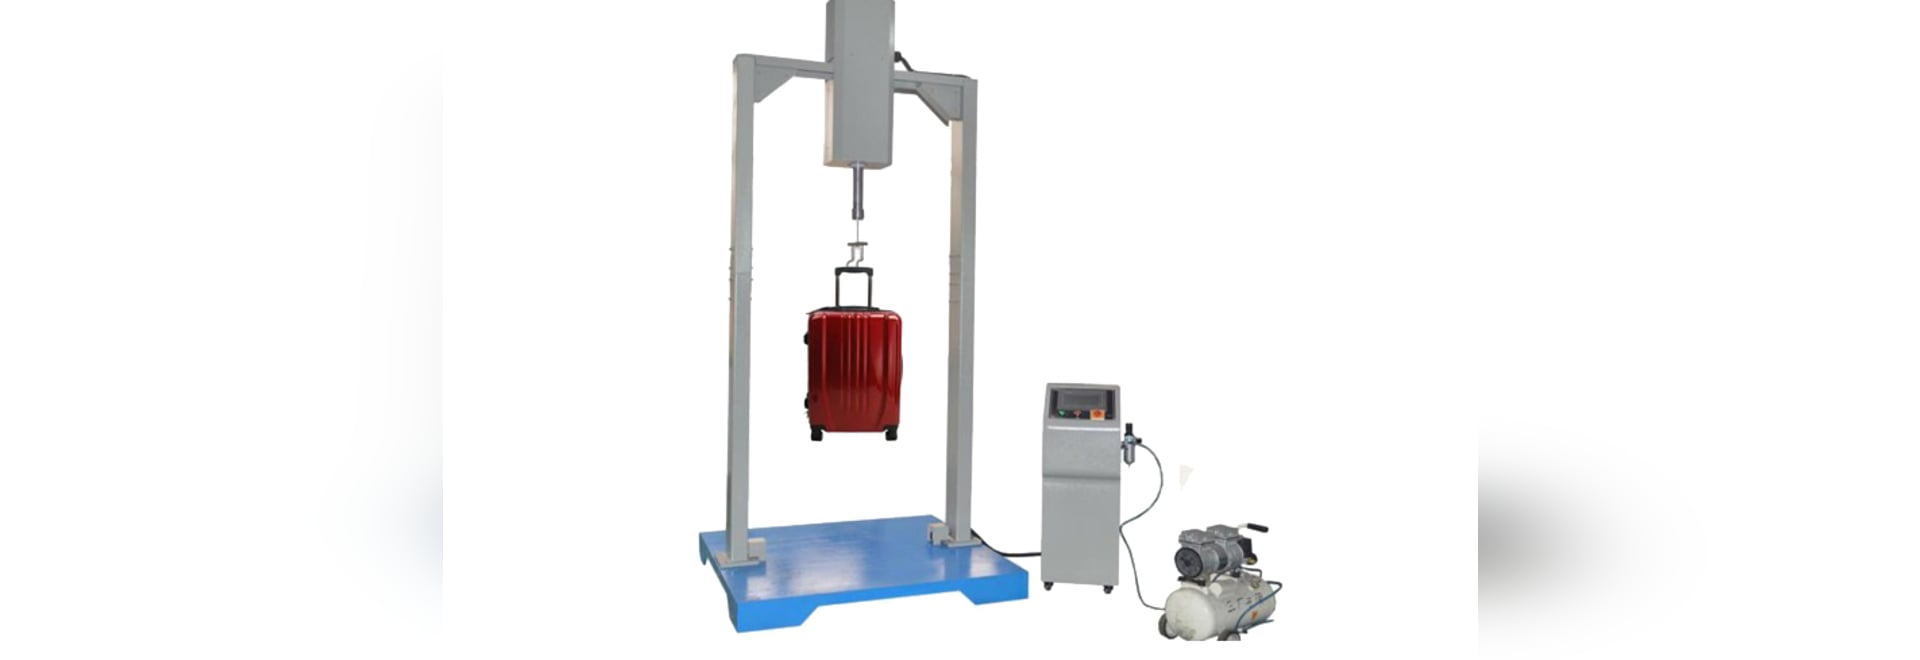 Machine d'essai de choc et de vibration